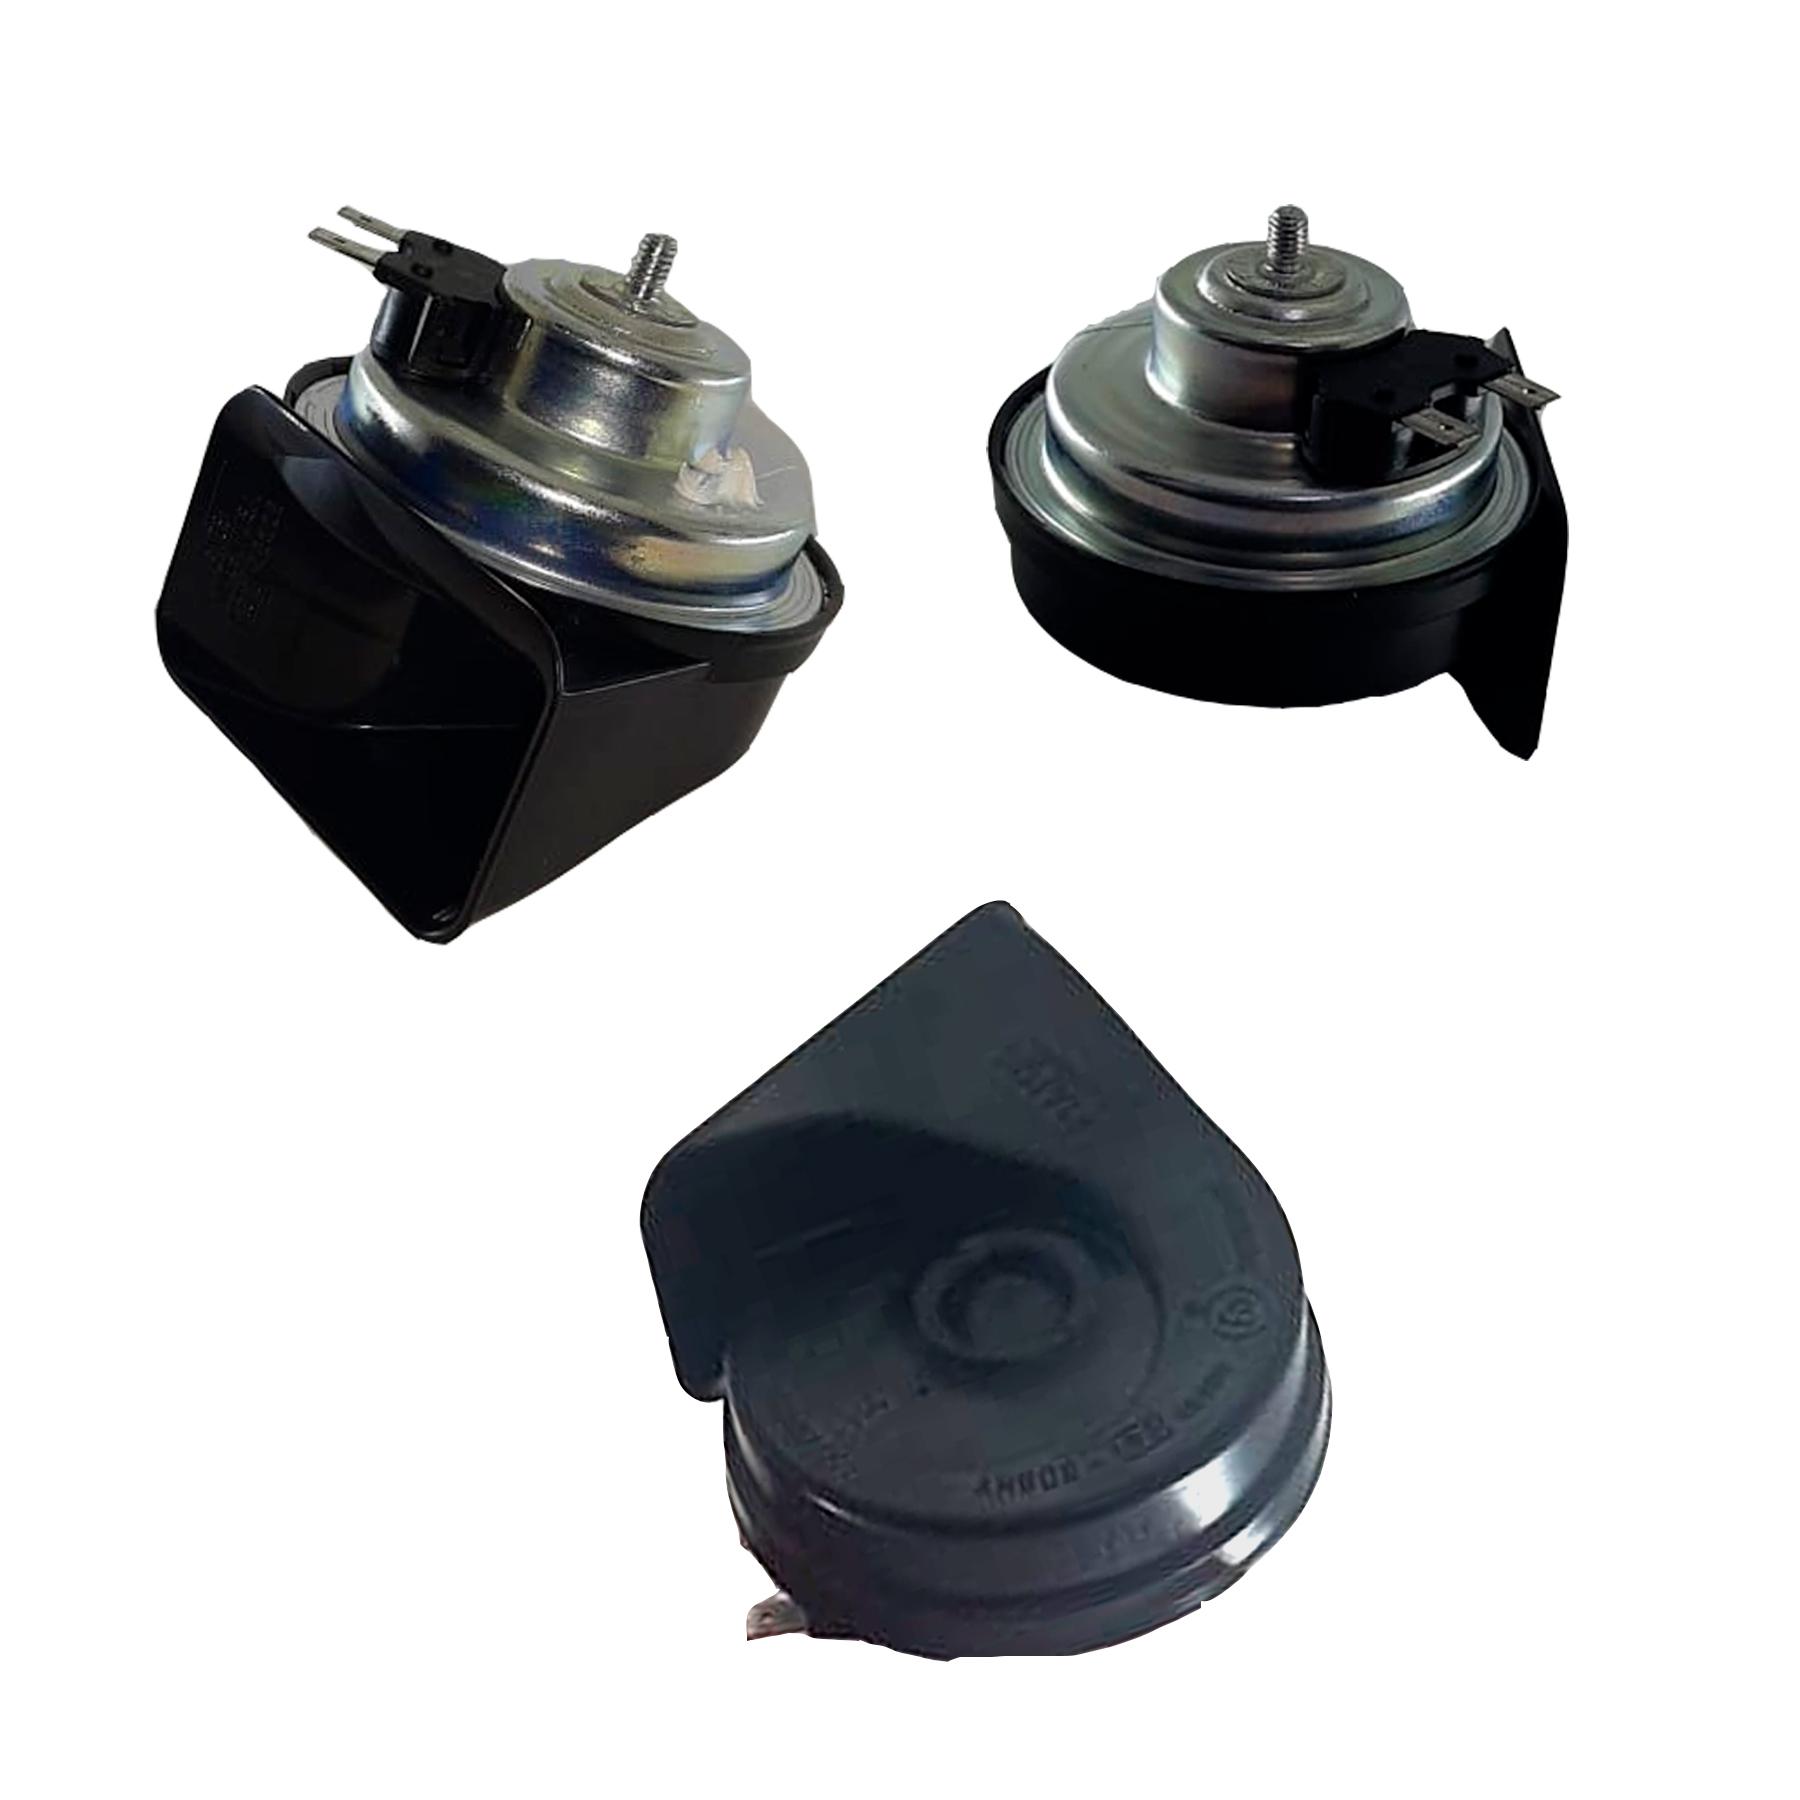 Buzina Eletrônica Caracol Universal Agudo 12 Volts 2 Terminais Para Carros Motos Caminhões - FIAMM - AM80H